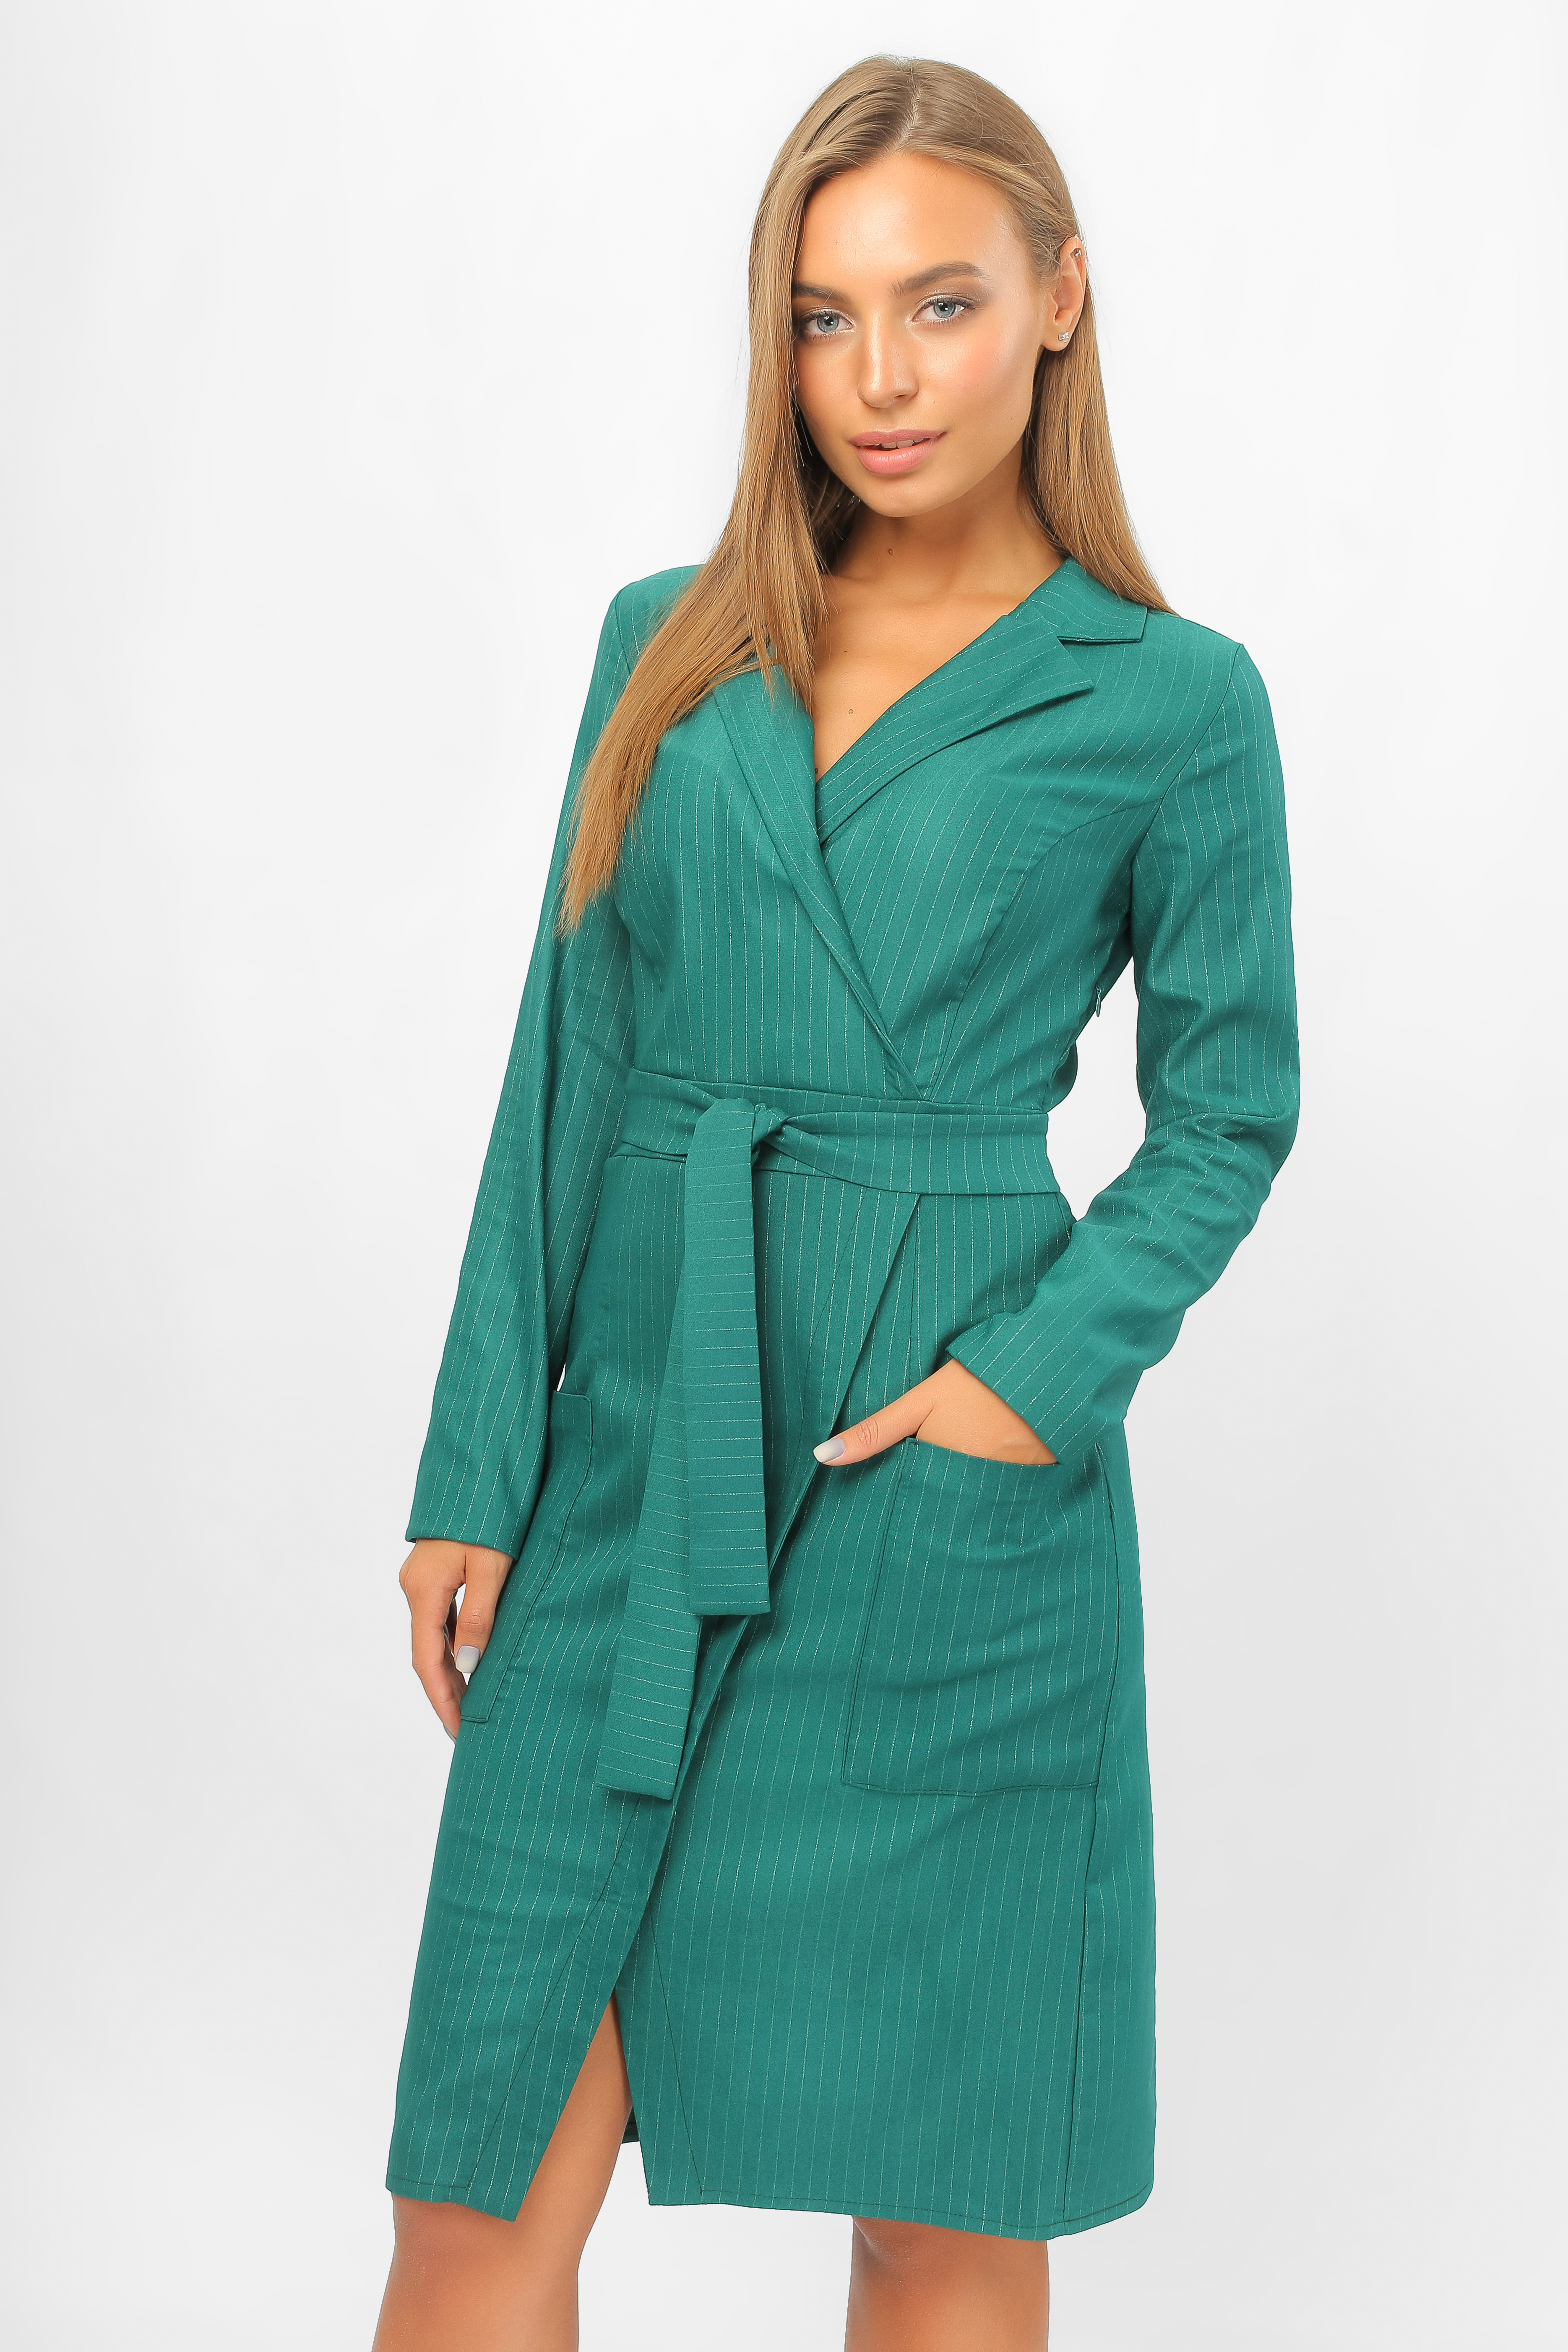 Сукня на запах Зелена Lipar